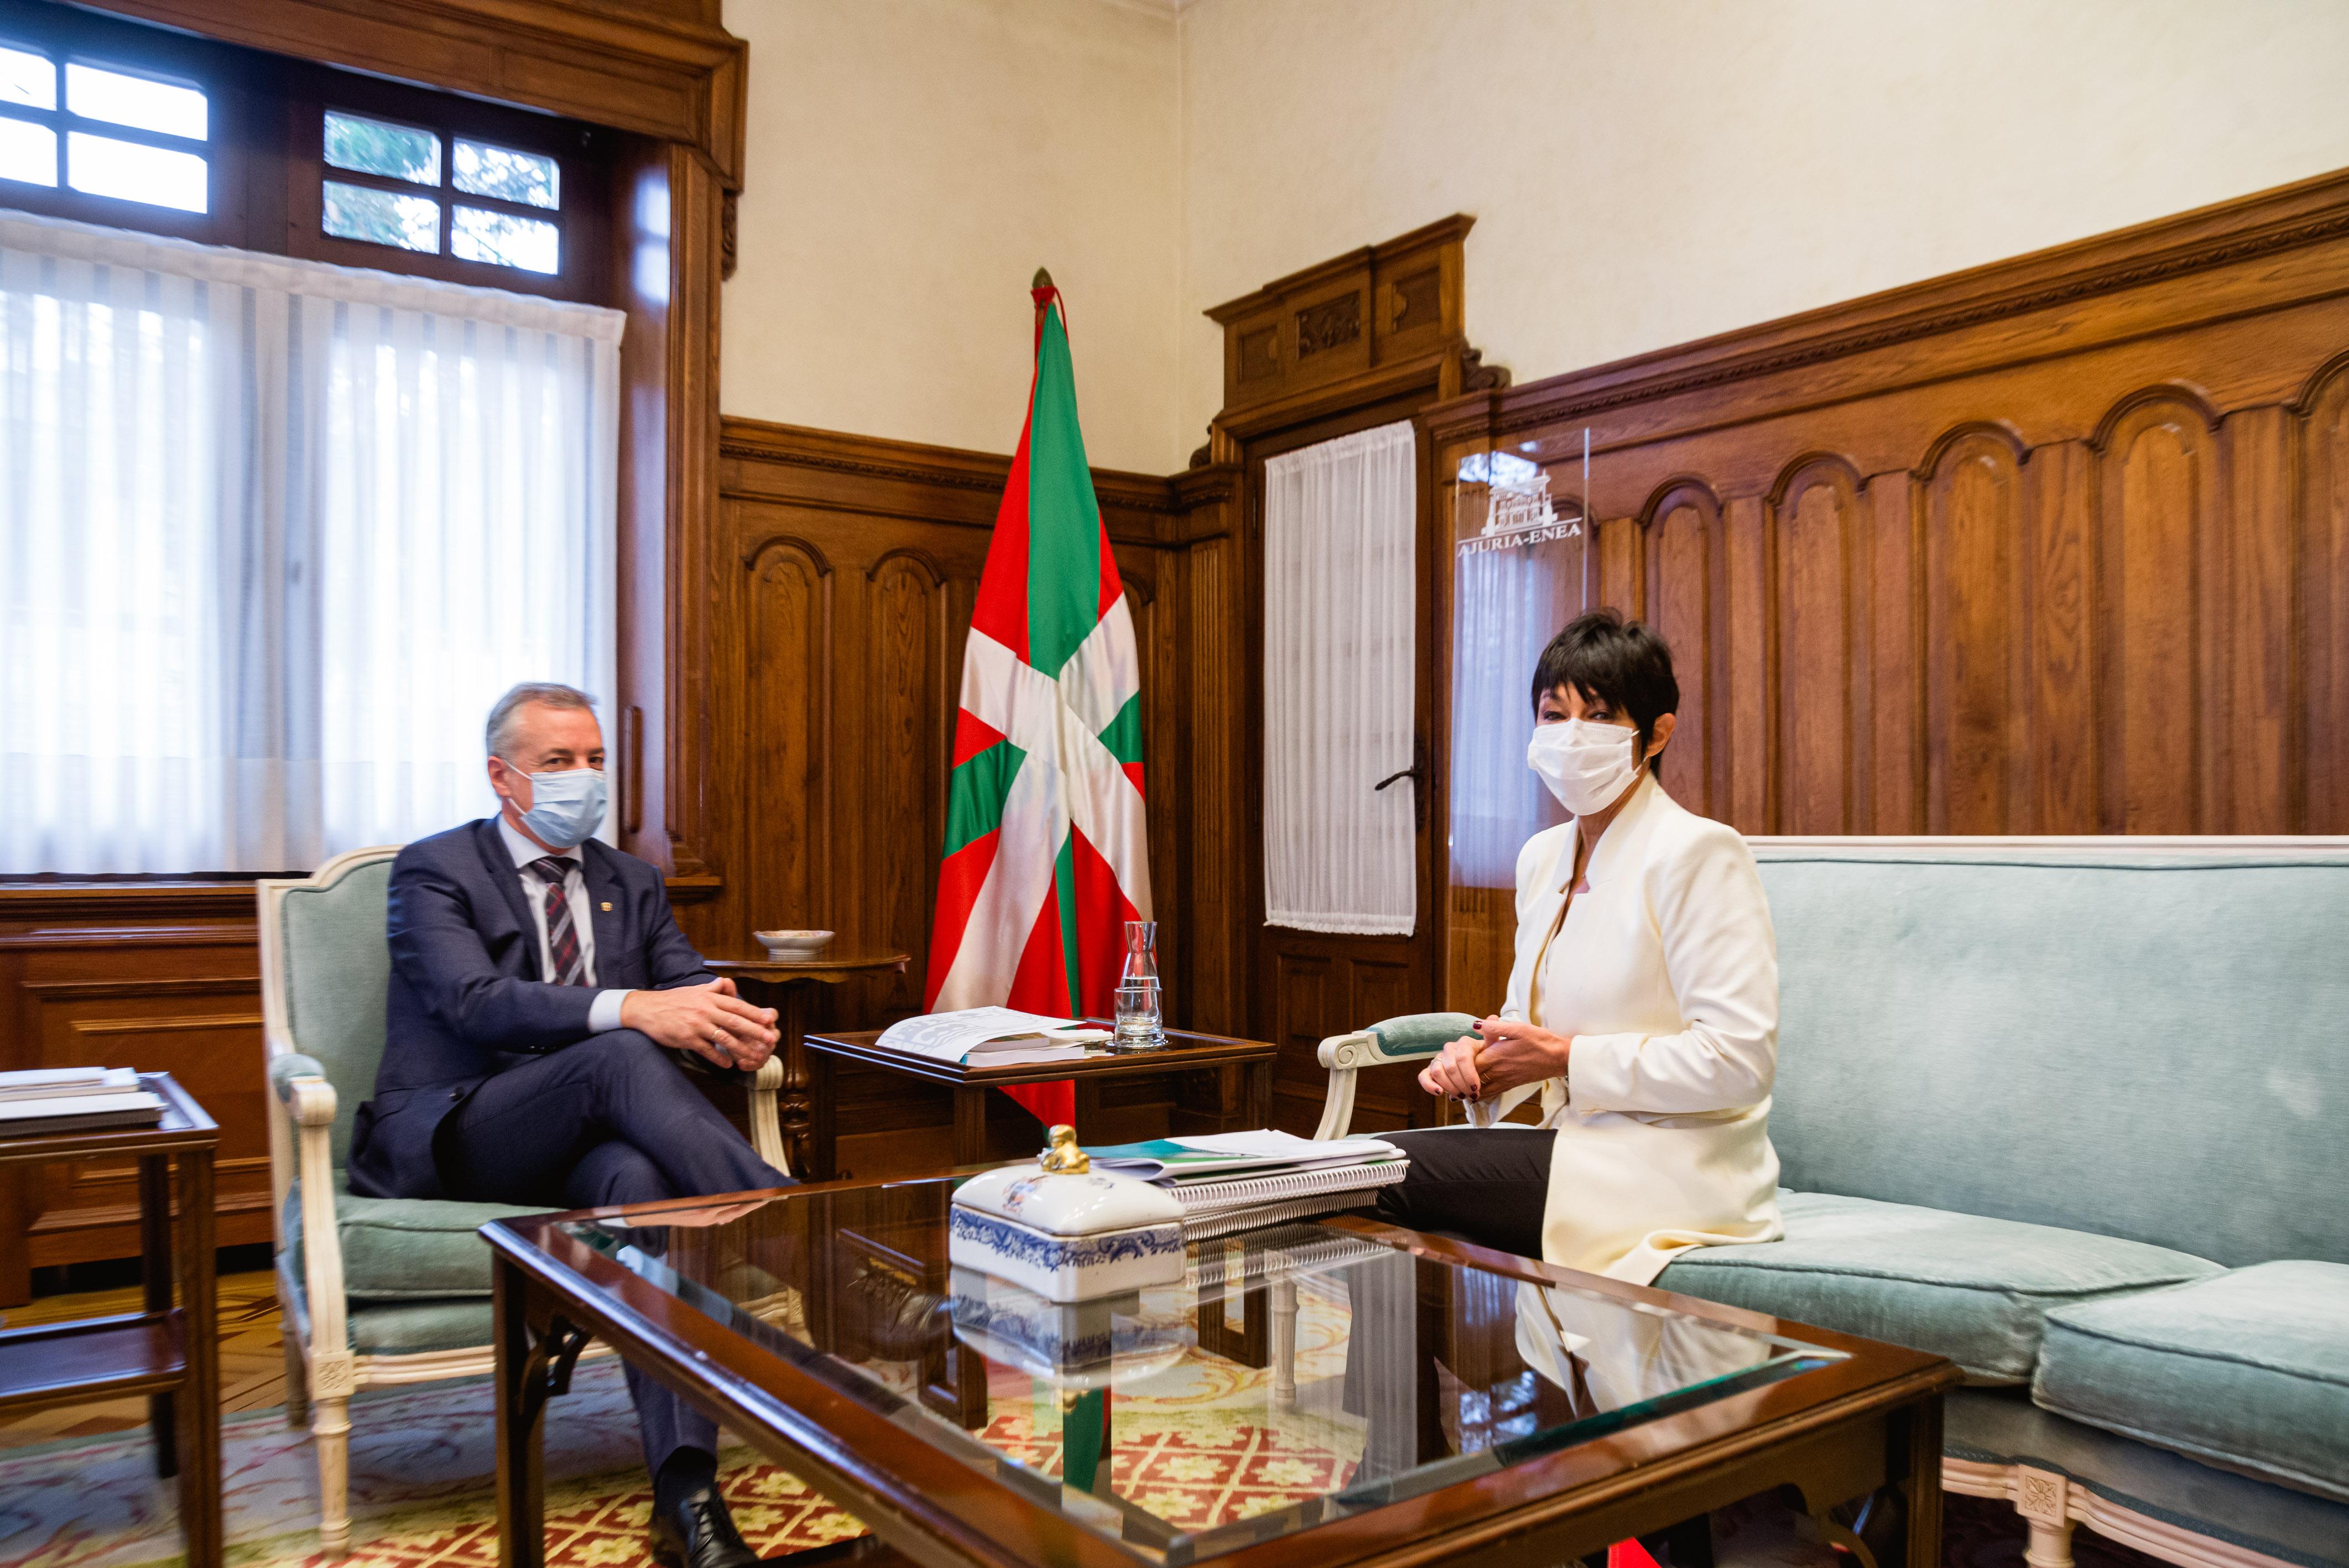 El Lehendakari recibe a la parlamentaria vasca de EH-Bildu, Maddalen Iriarte [0:00]